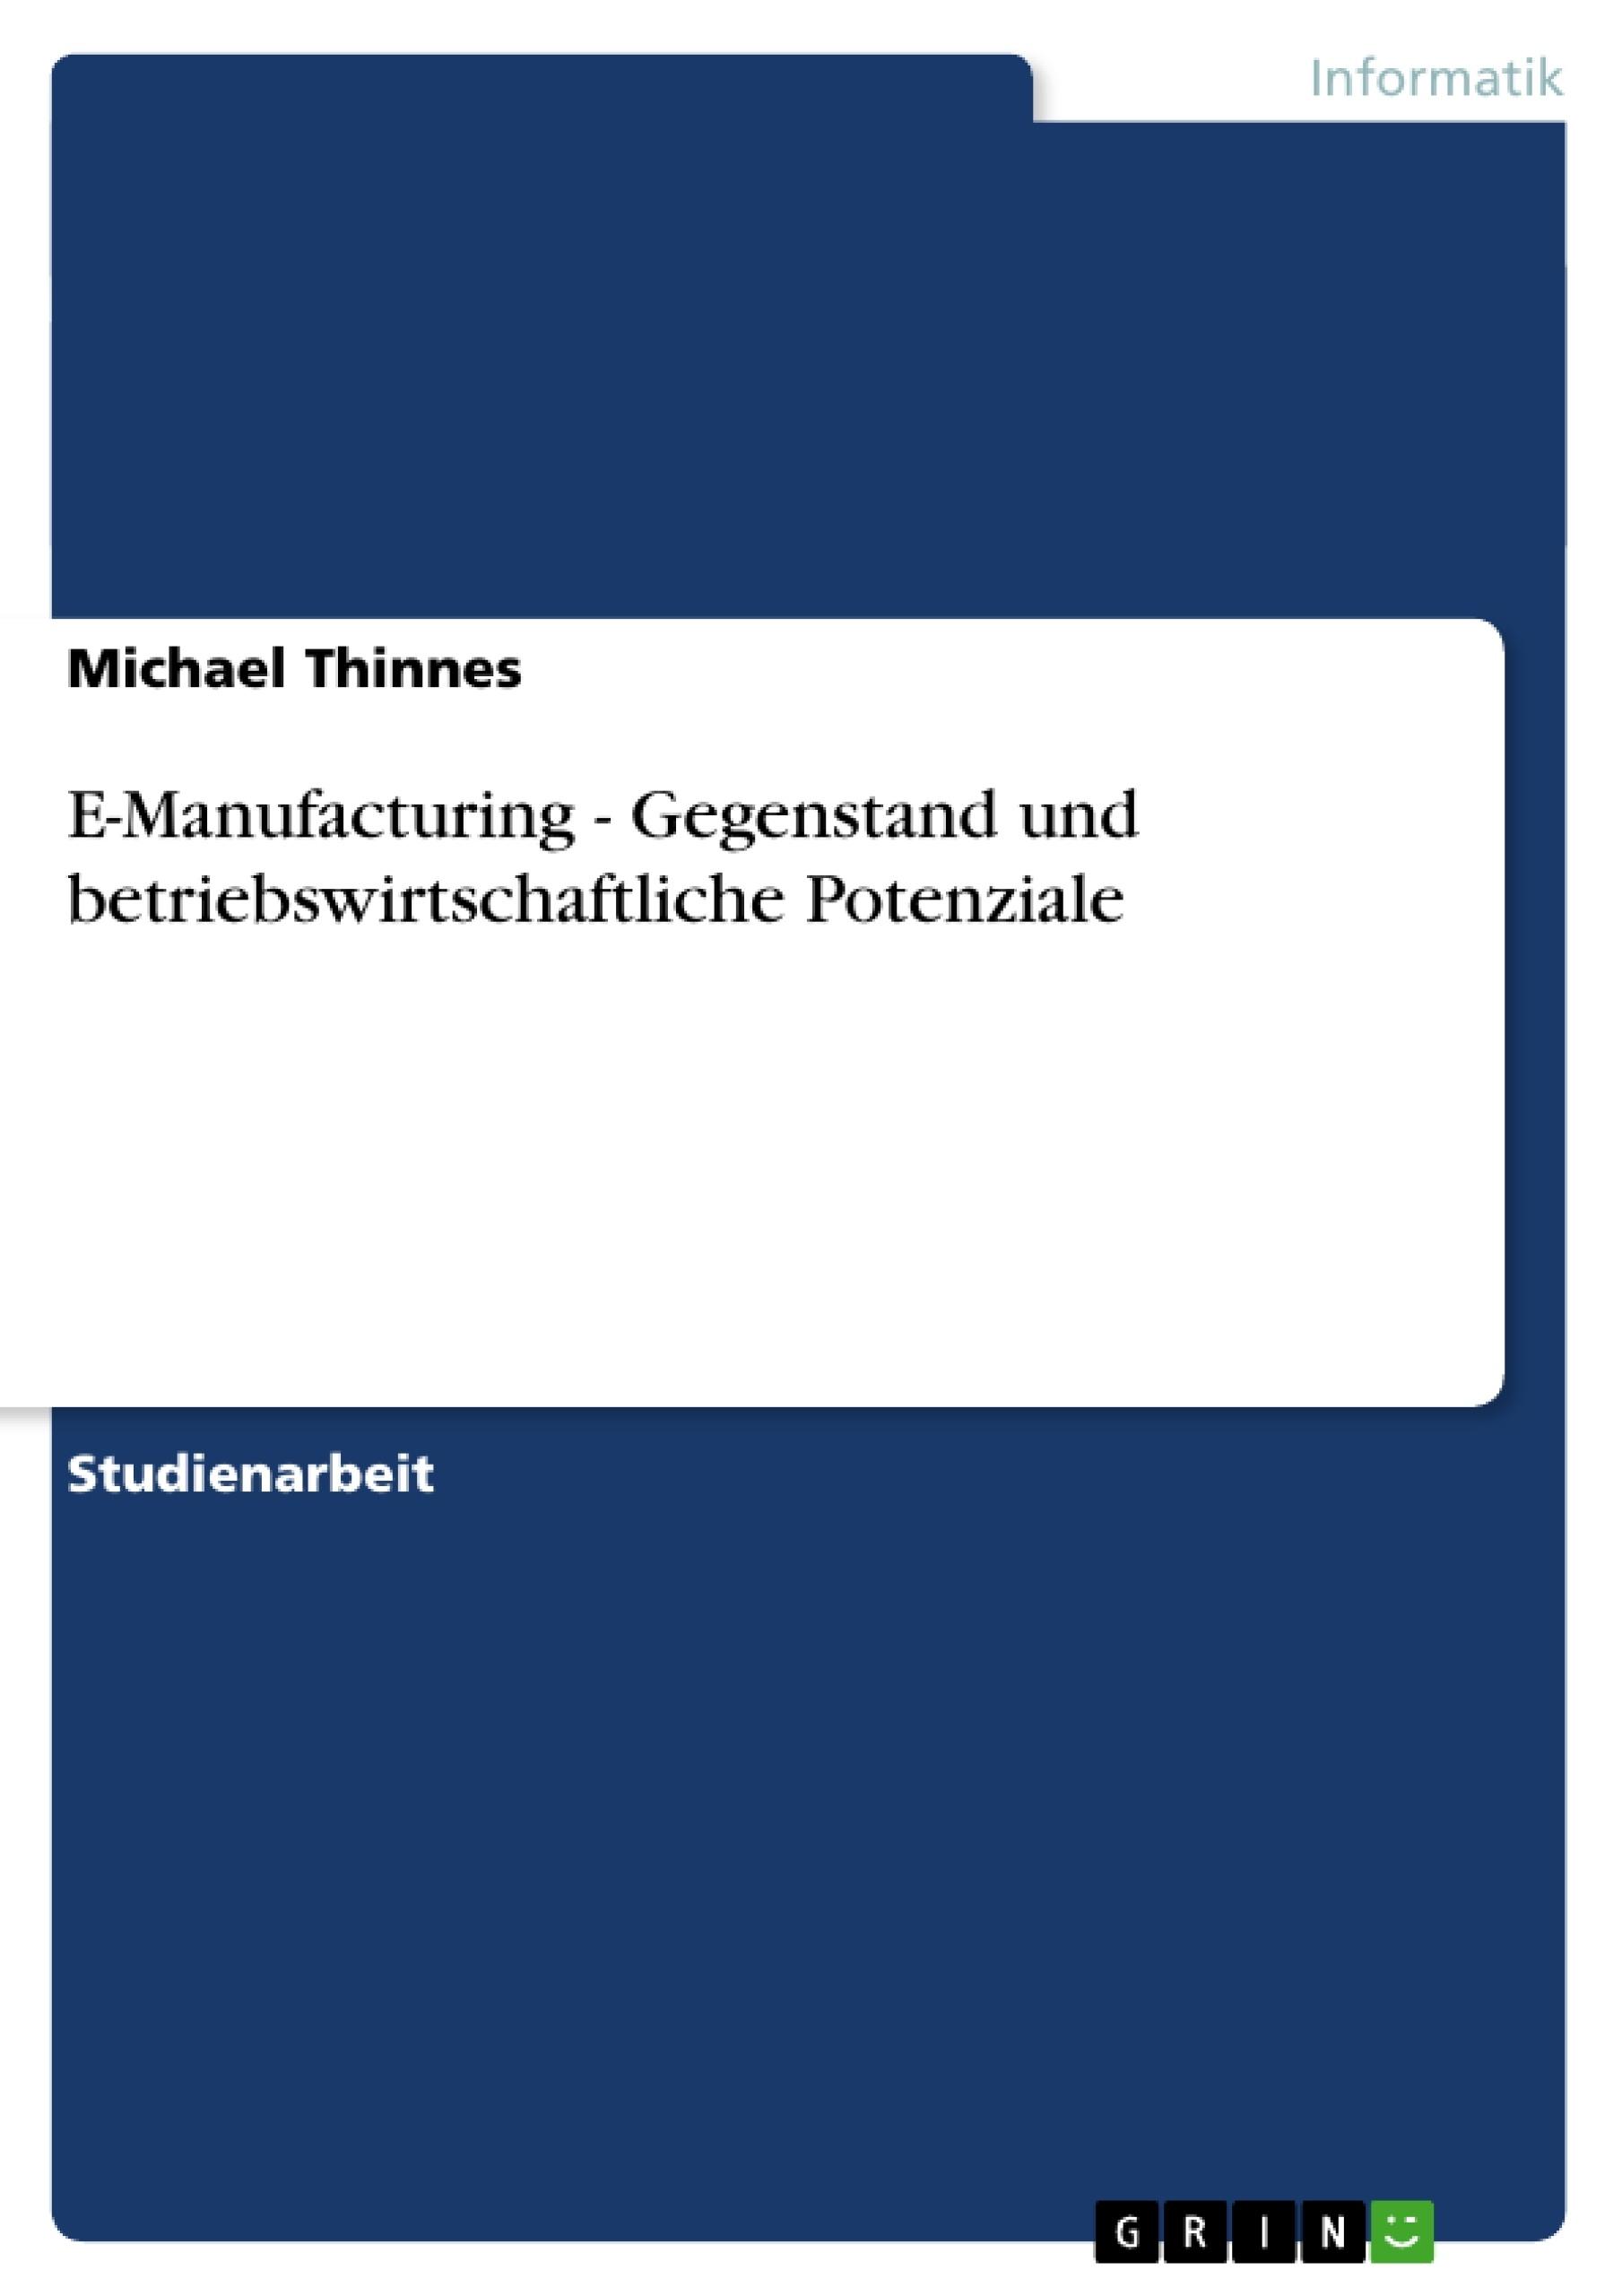 Titel: E-Manufacturing - Gegenstand und betriebswirtschaftliche Potenziale